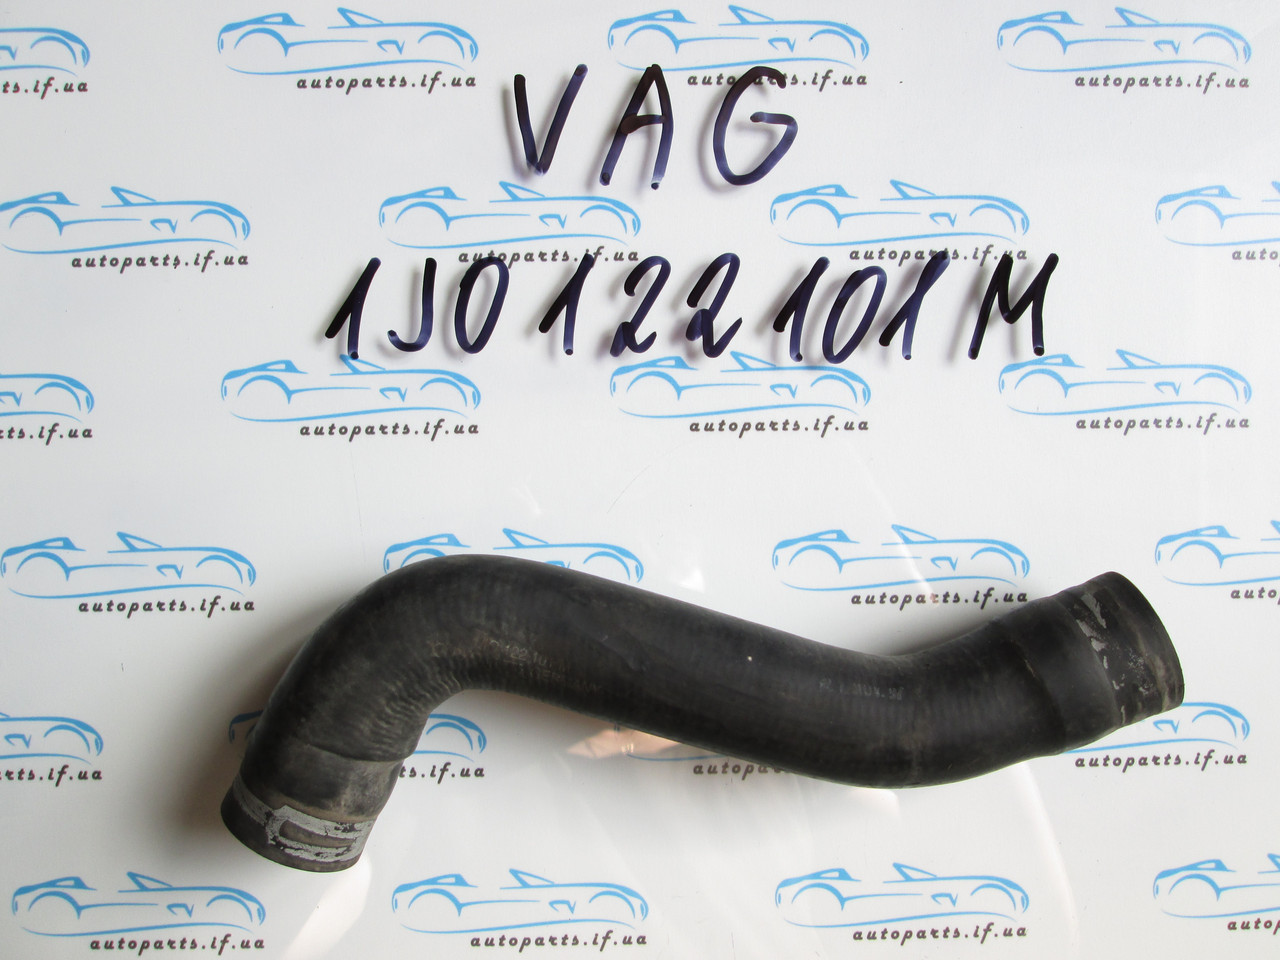 Патрубок системы охлаждения VAG 1J0122101M